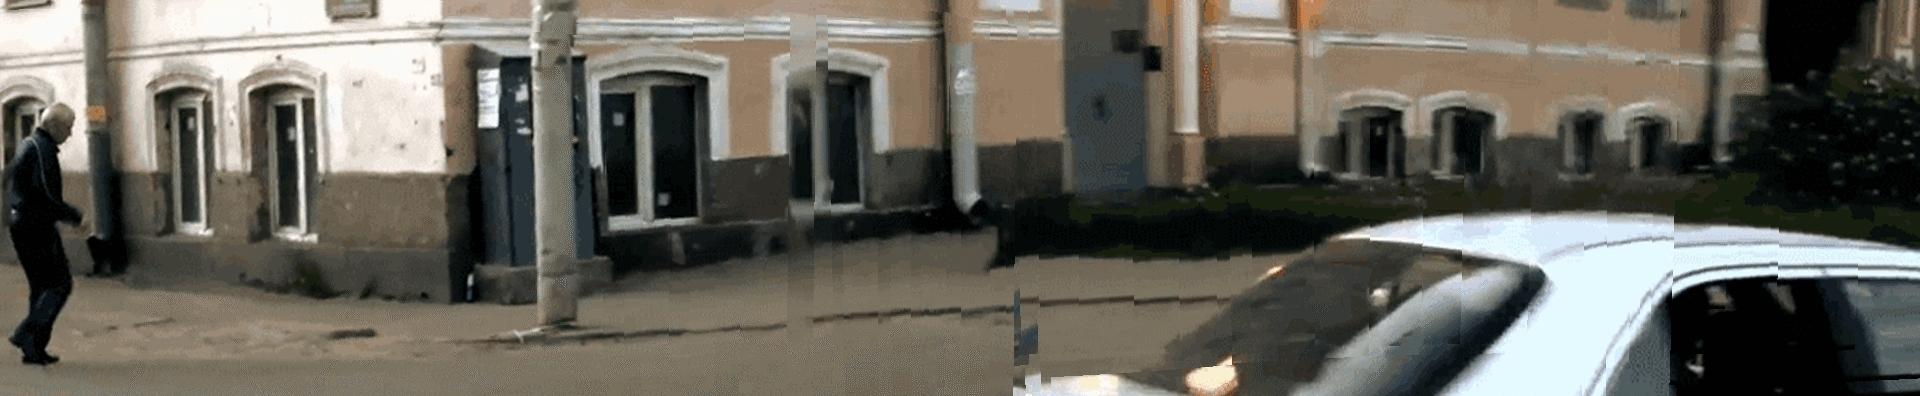 anormaldayinrussia, Пьяный мастер (reddit) GIFs